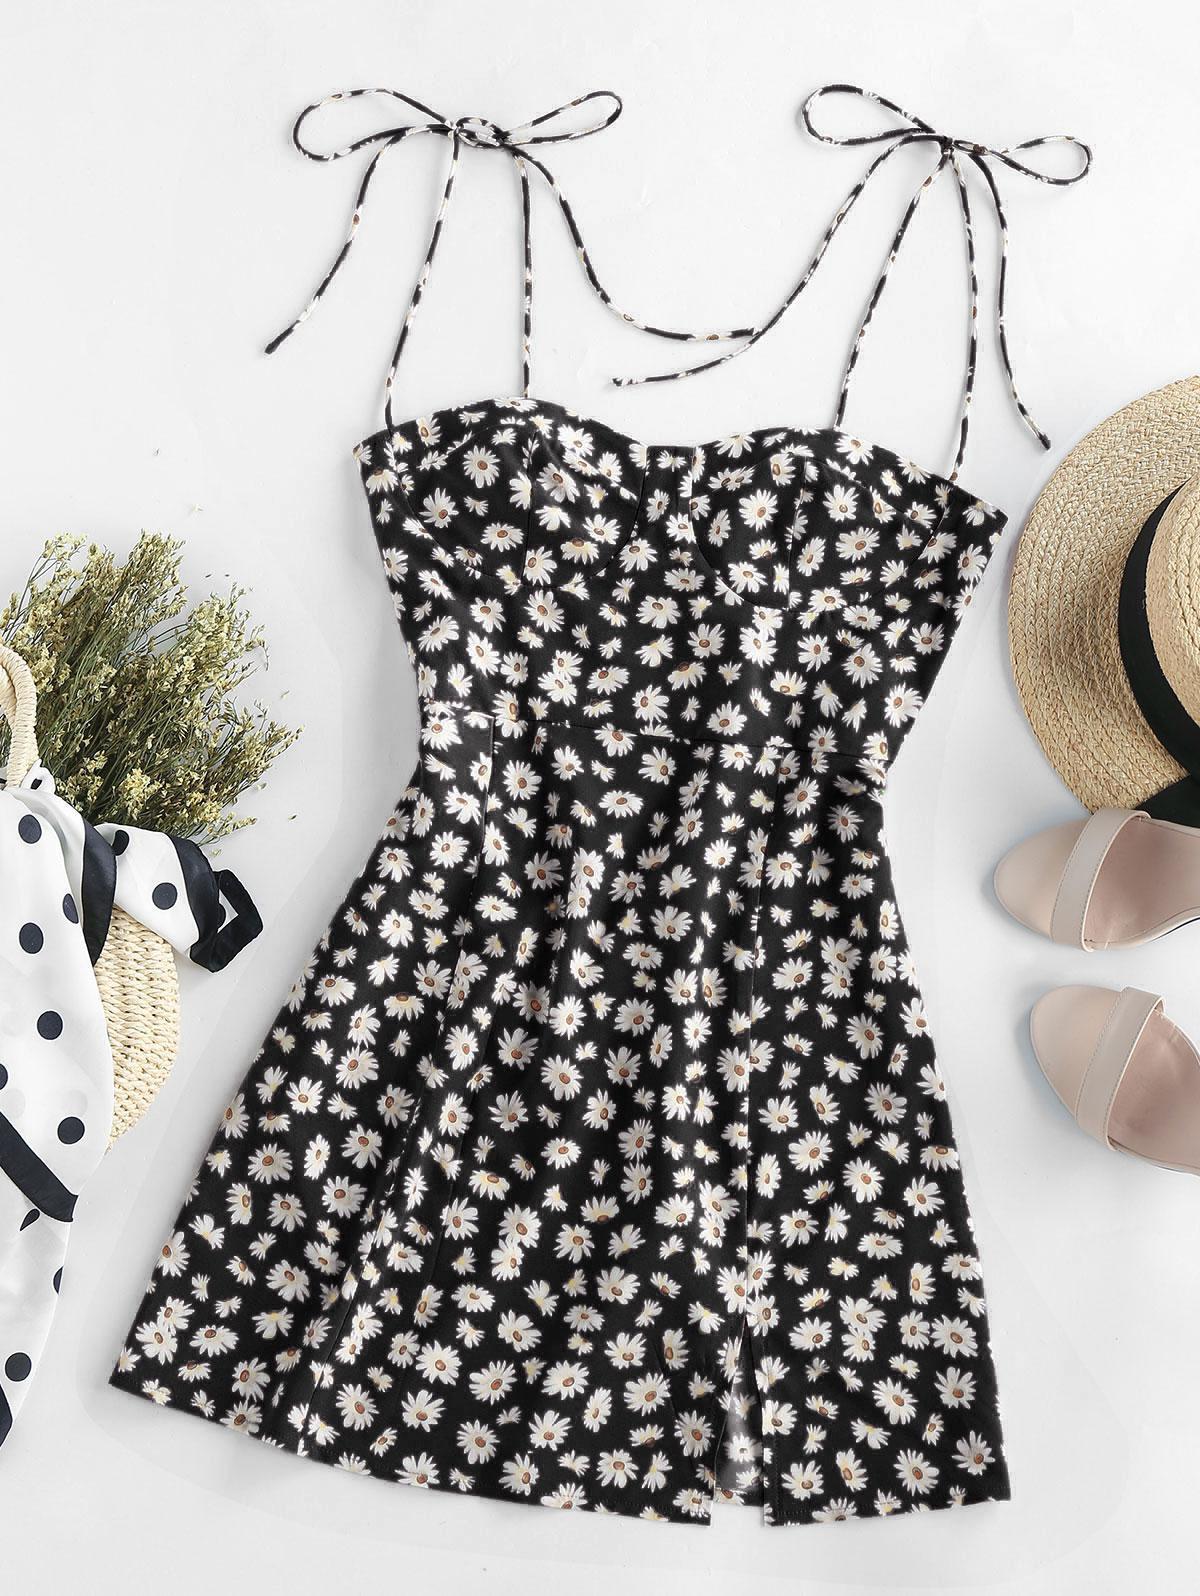 ZAFUL Floral Tie Shoulder Slit Cami Dress